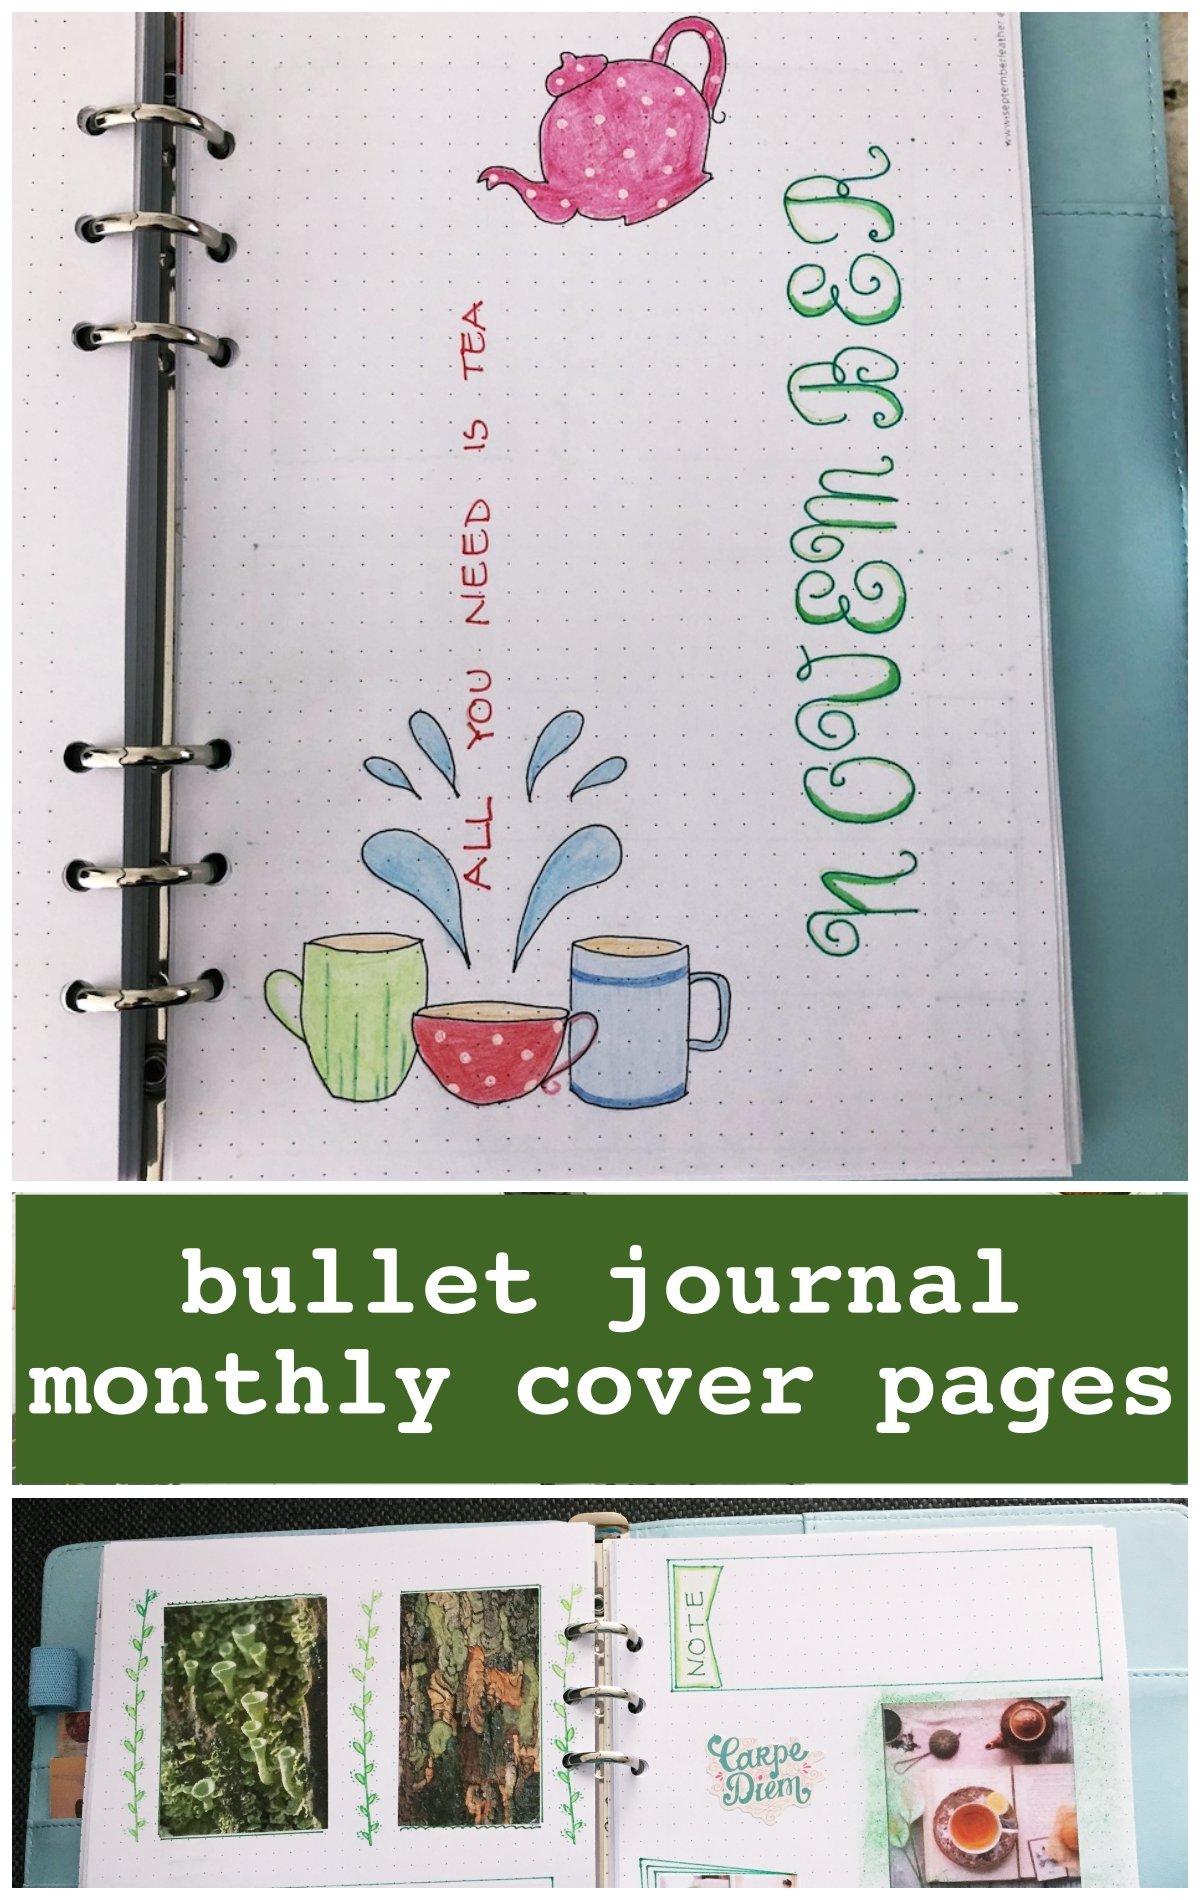 Bullet journal monthly cover November - itstartswithacoffee.com #bulletjournal #bulletjournaling #monthlyplanner #monthlycover #coverpages #November #bujo